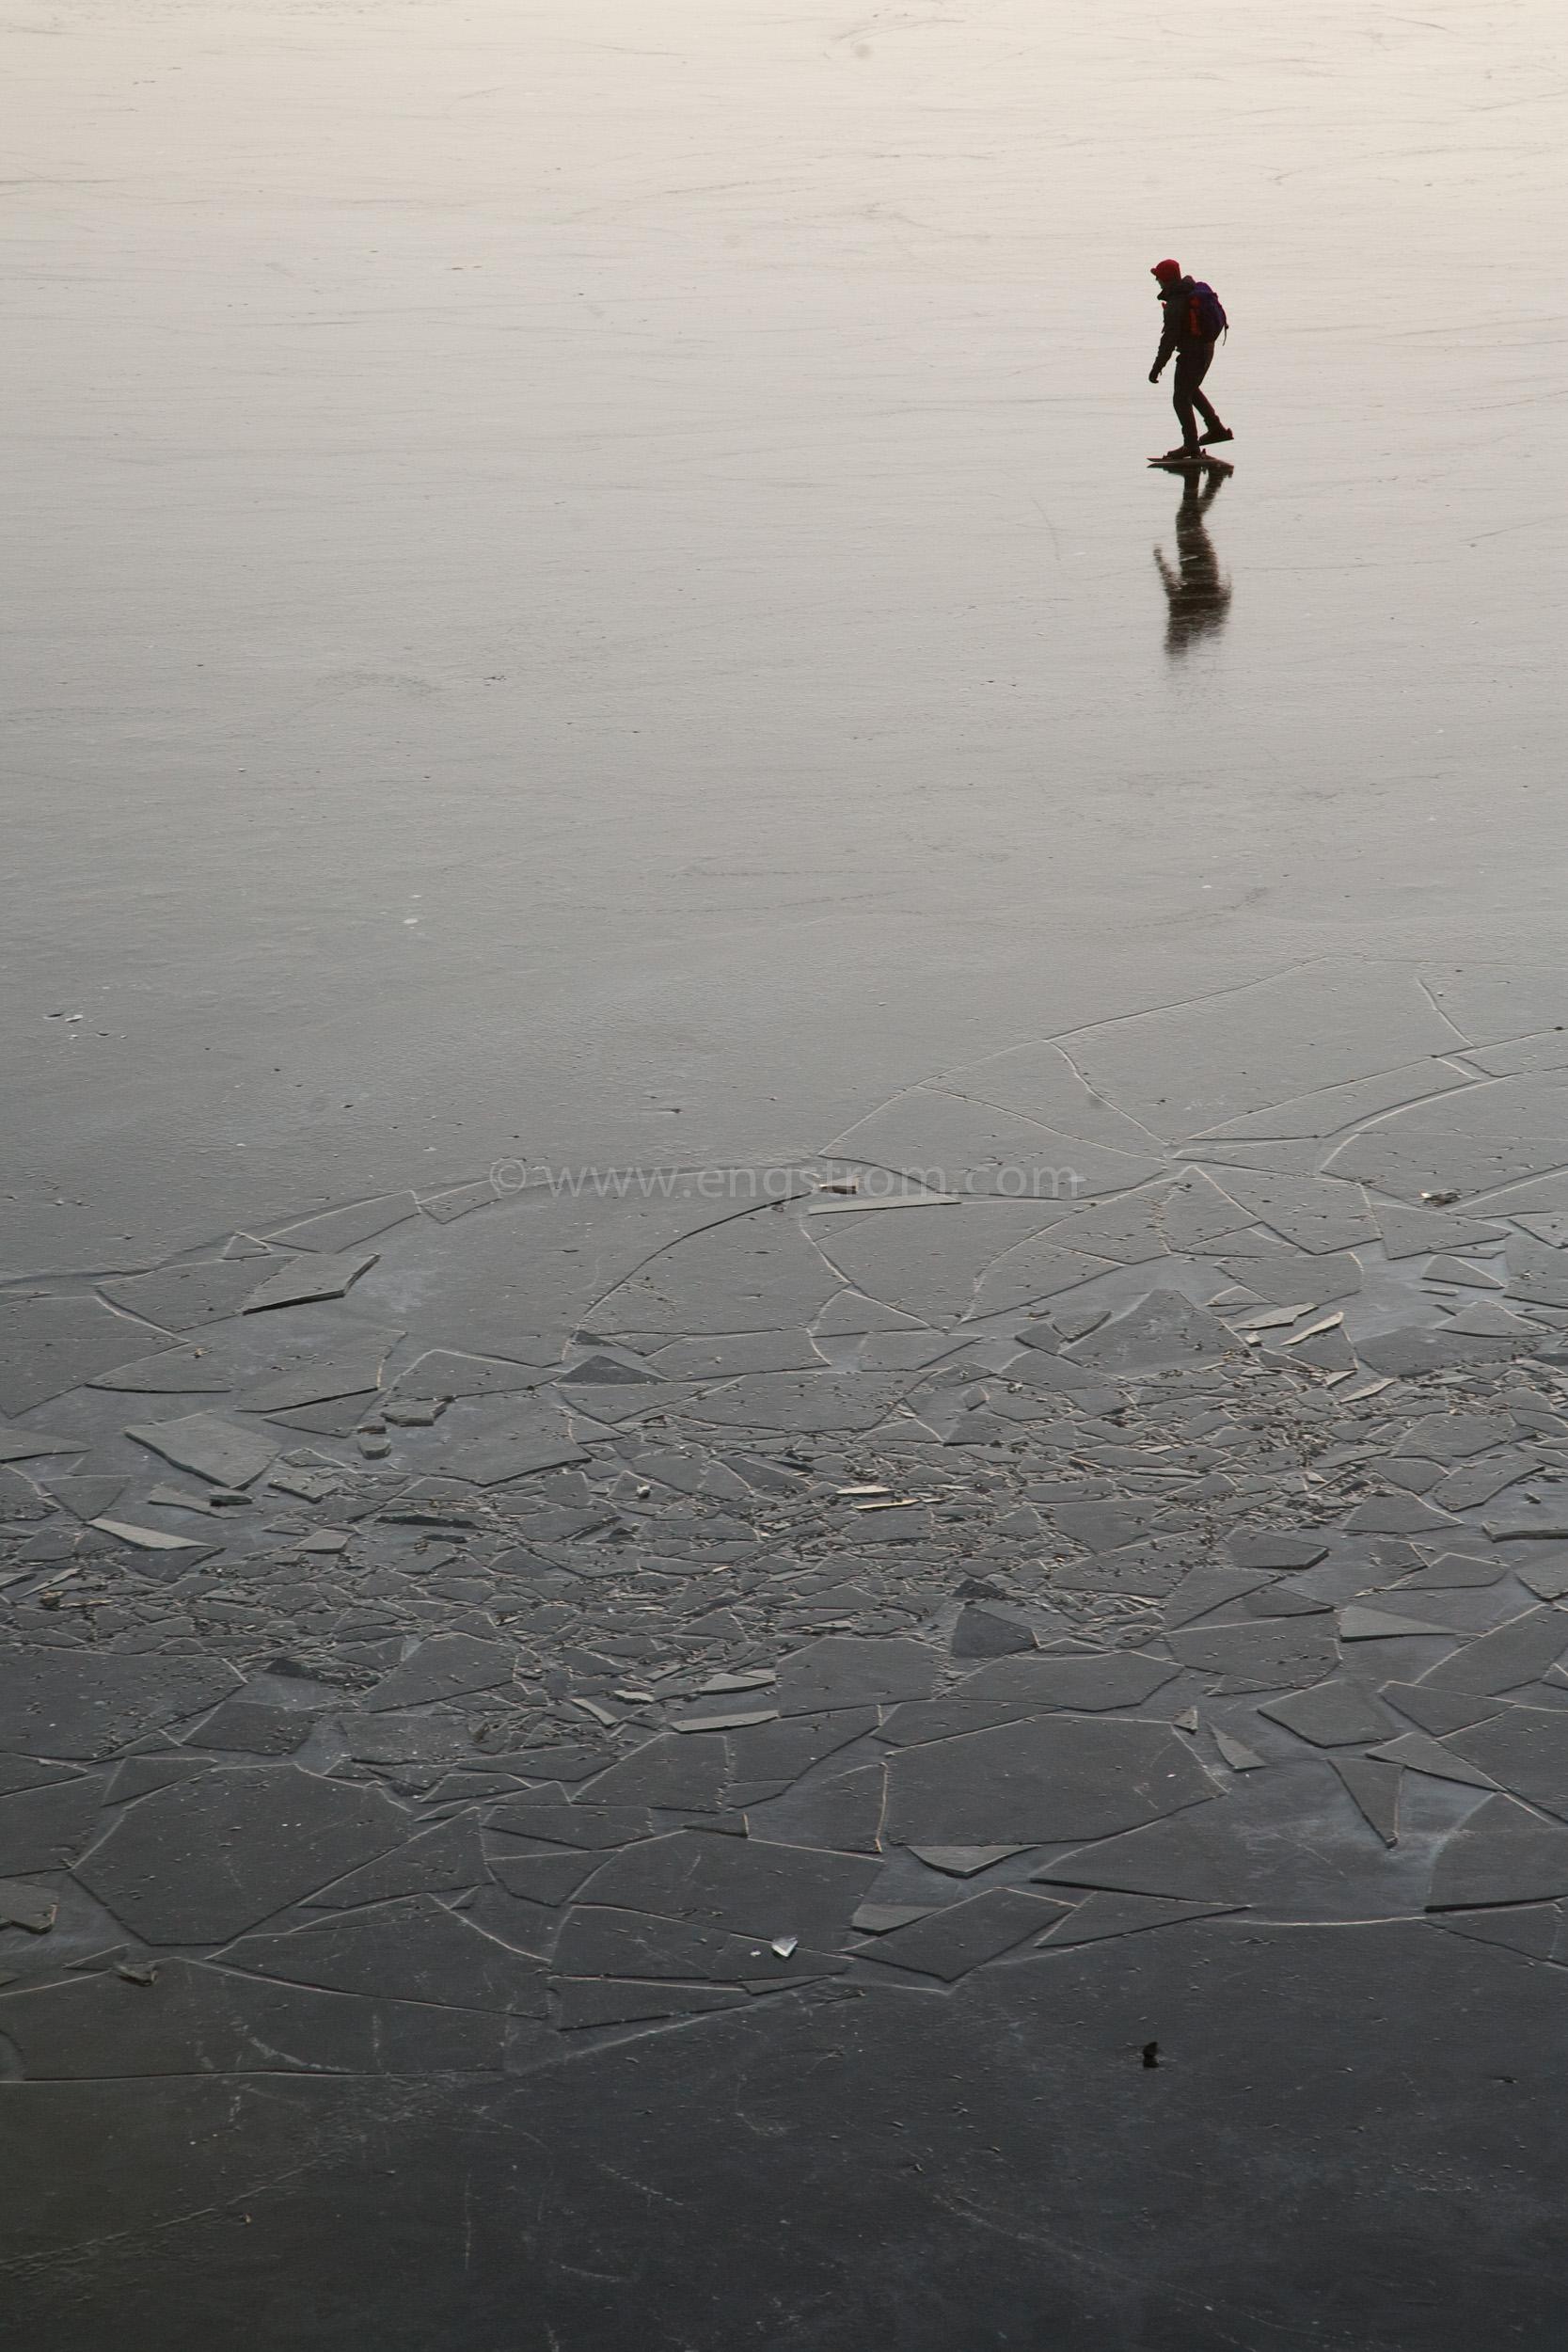 JE_70119, Långfärdsskridskor på fin blankis, Jonas Engström